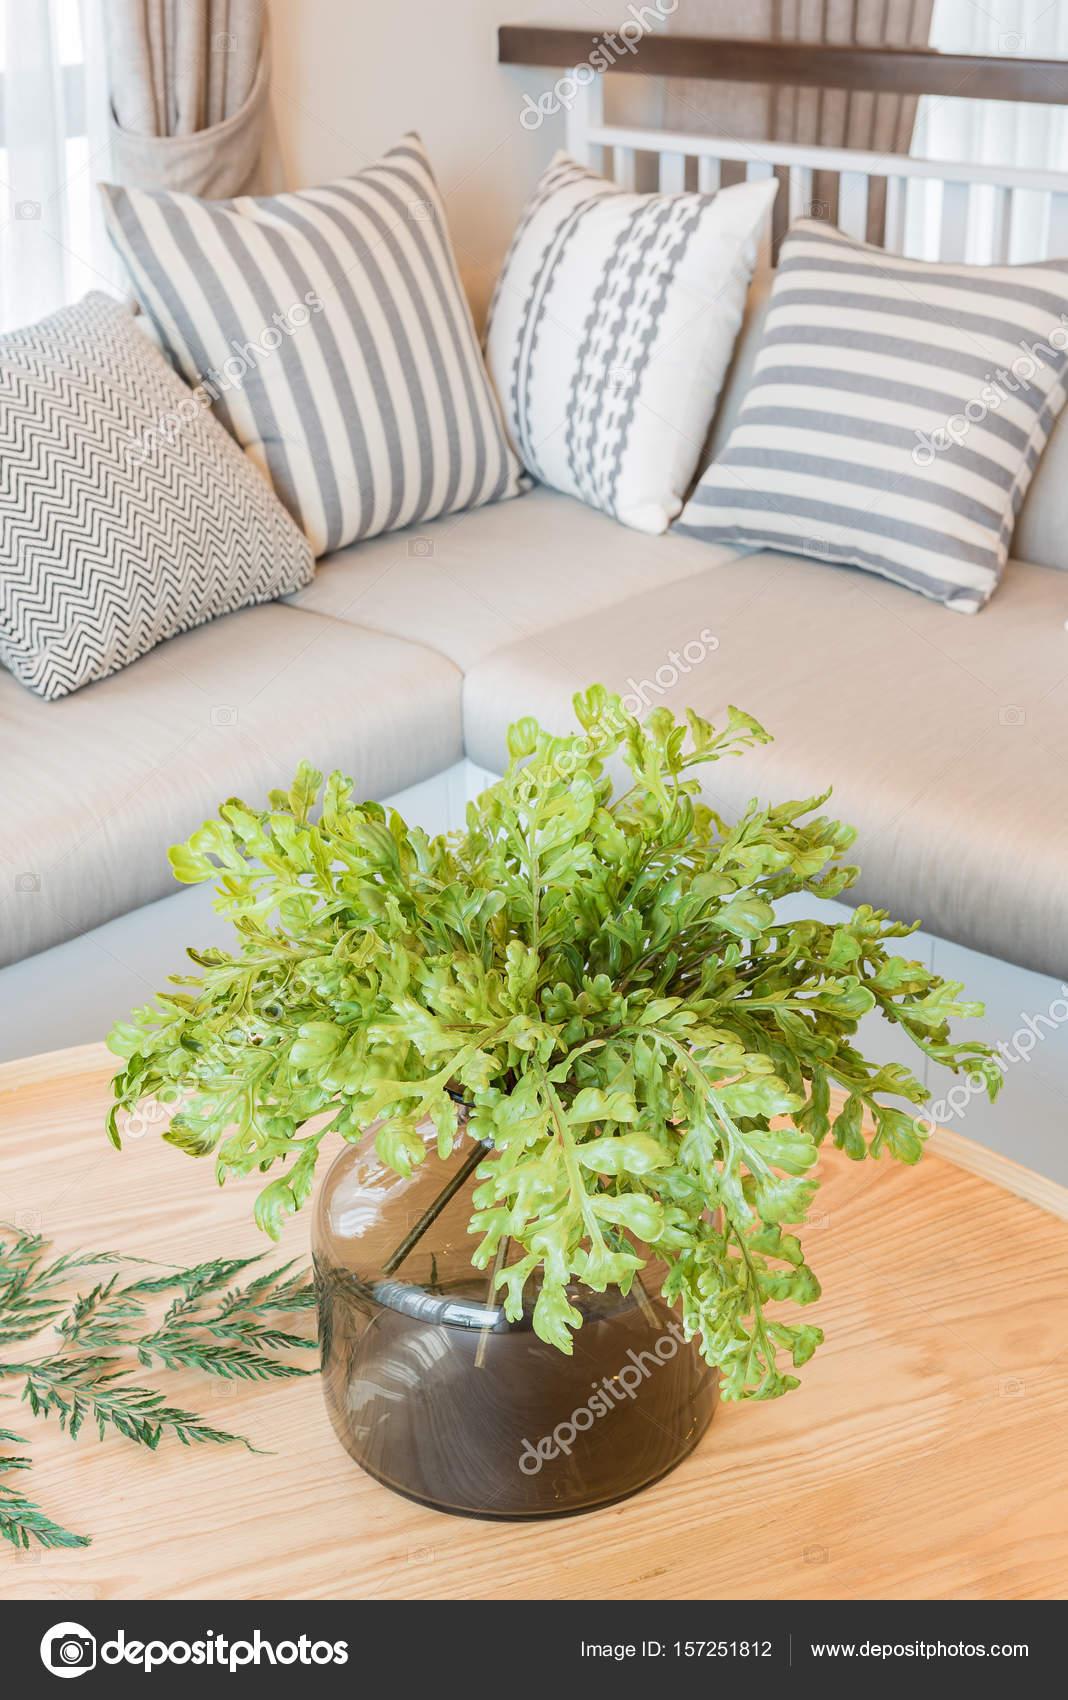 Grosse pflanzen fur wohnzimmer for Holztisch fur wohnzimmer